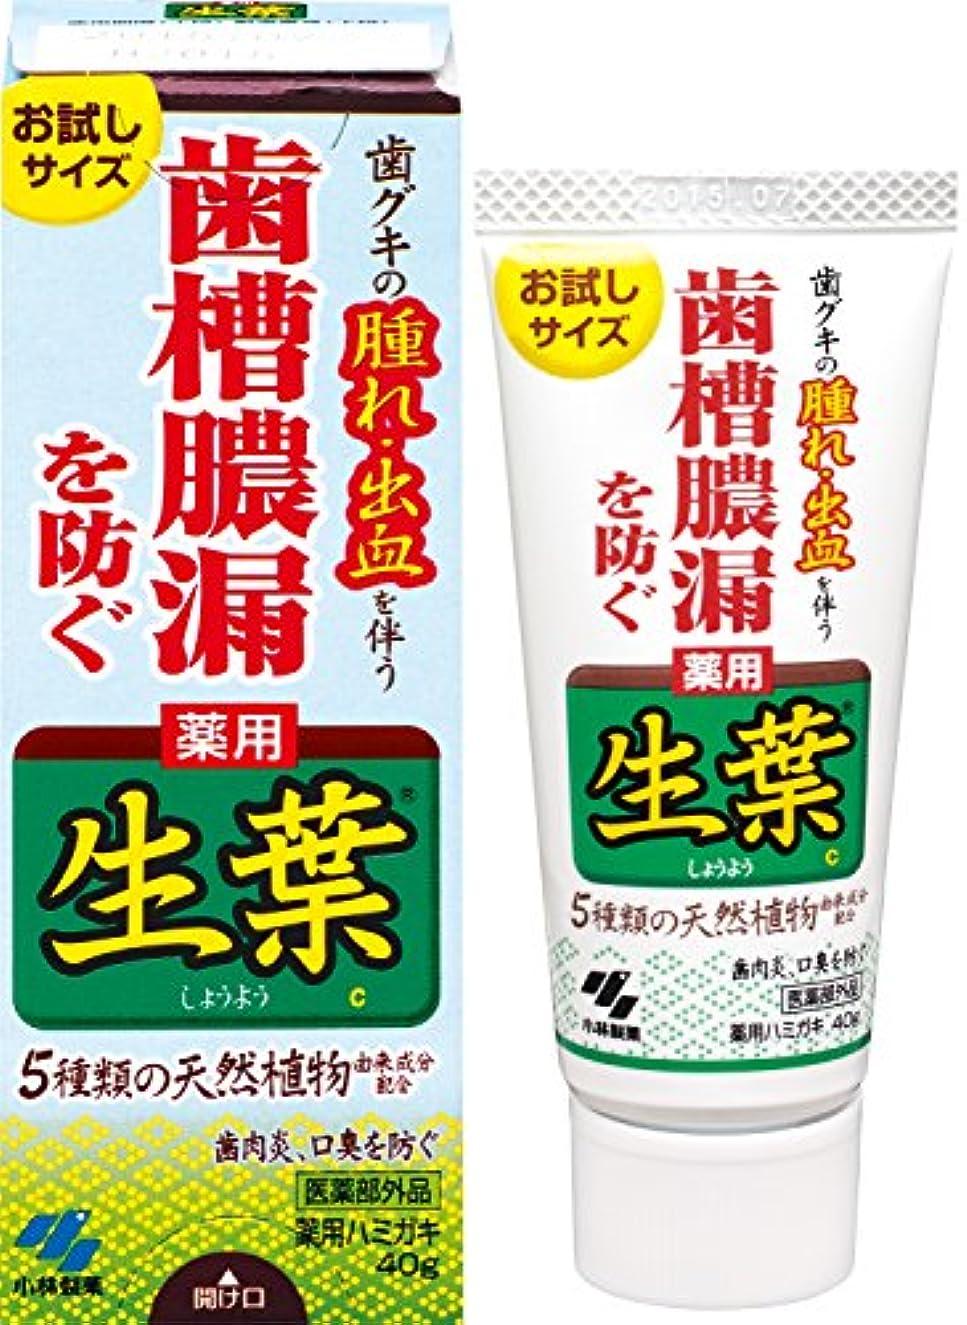 少し宇宙アライメント生葉(しょうよう)お試しサイズ 歯槽膿漏を防ぐ 薬用ハミガキ ハーブミント味 40g 【医薬部外品】